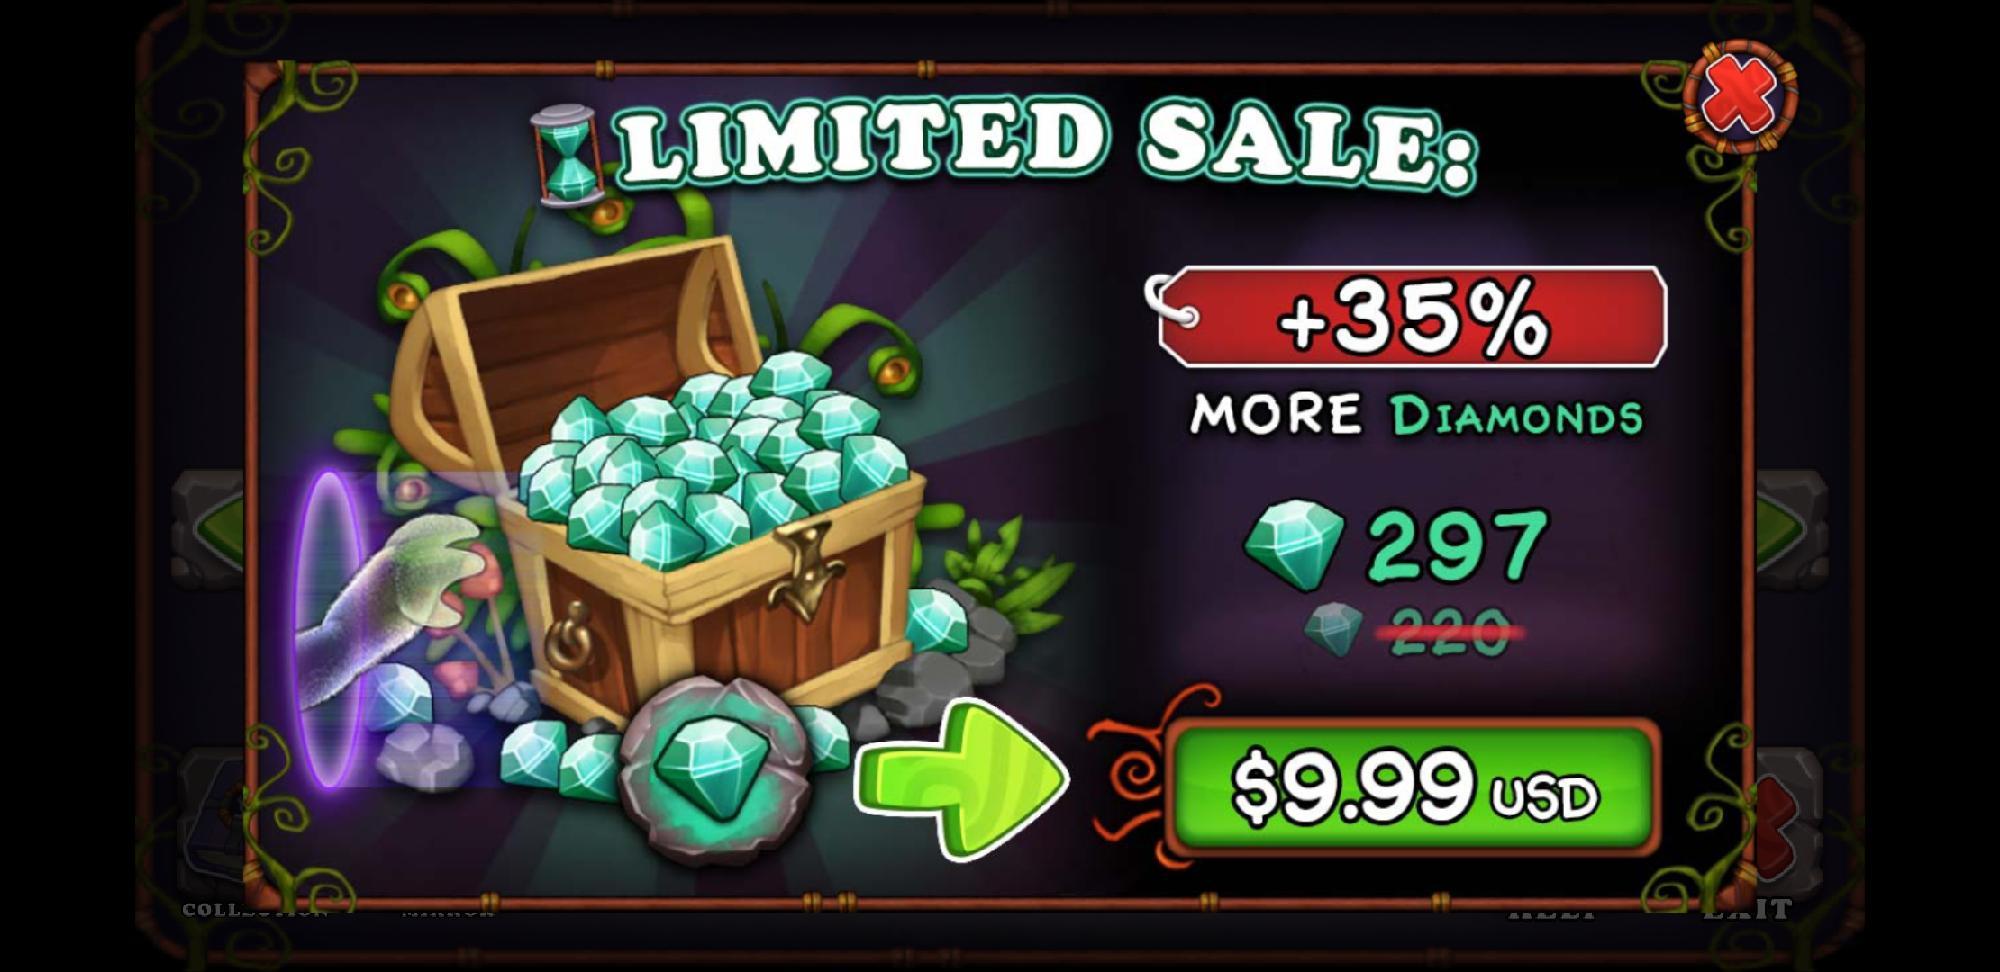 9.99 Diamond Sale